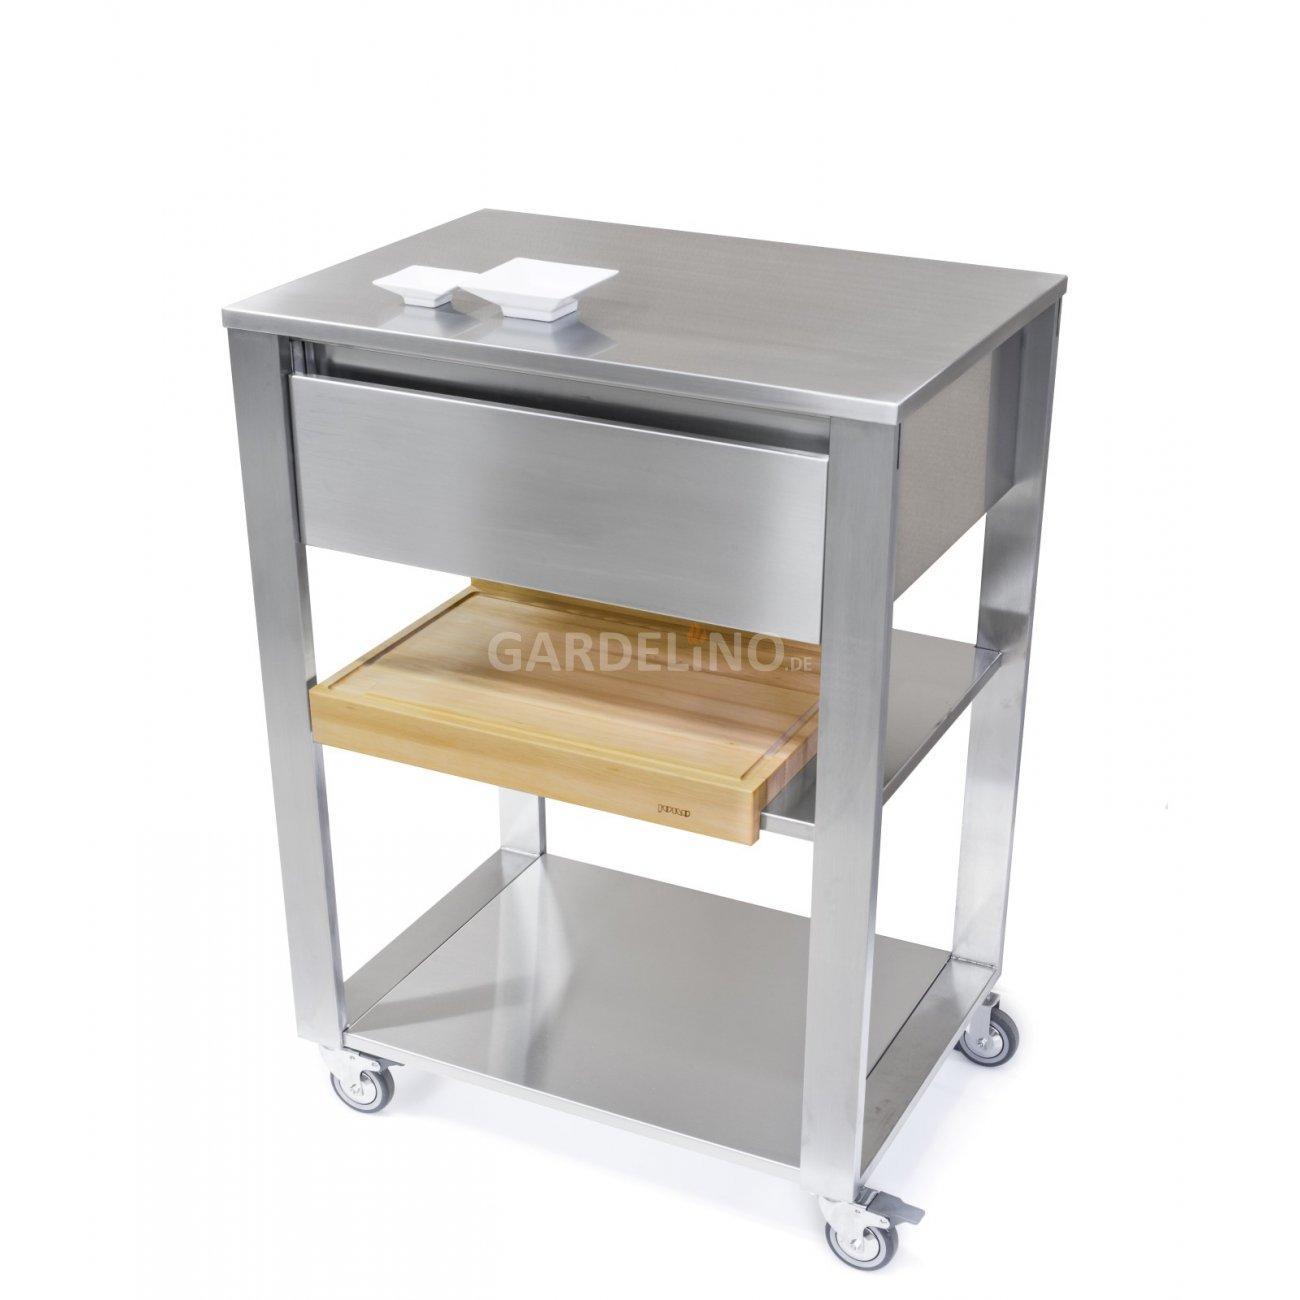 Tolle Küchenwagen Mit Schubladen Bilder - Ideen Für Die Küche ...